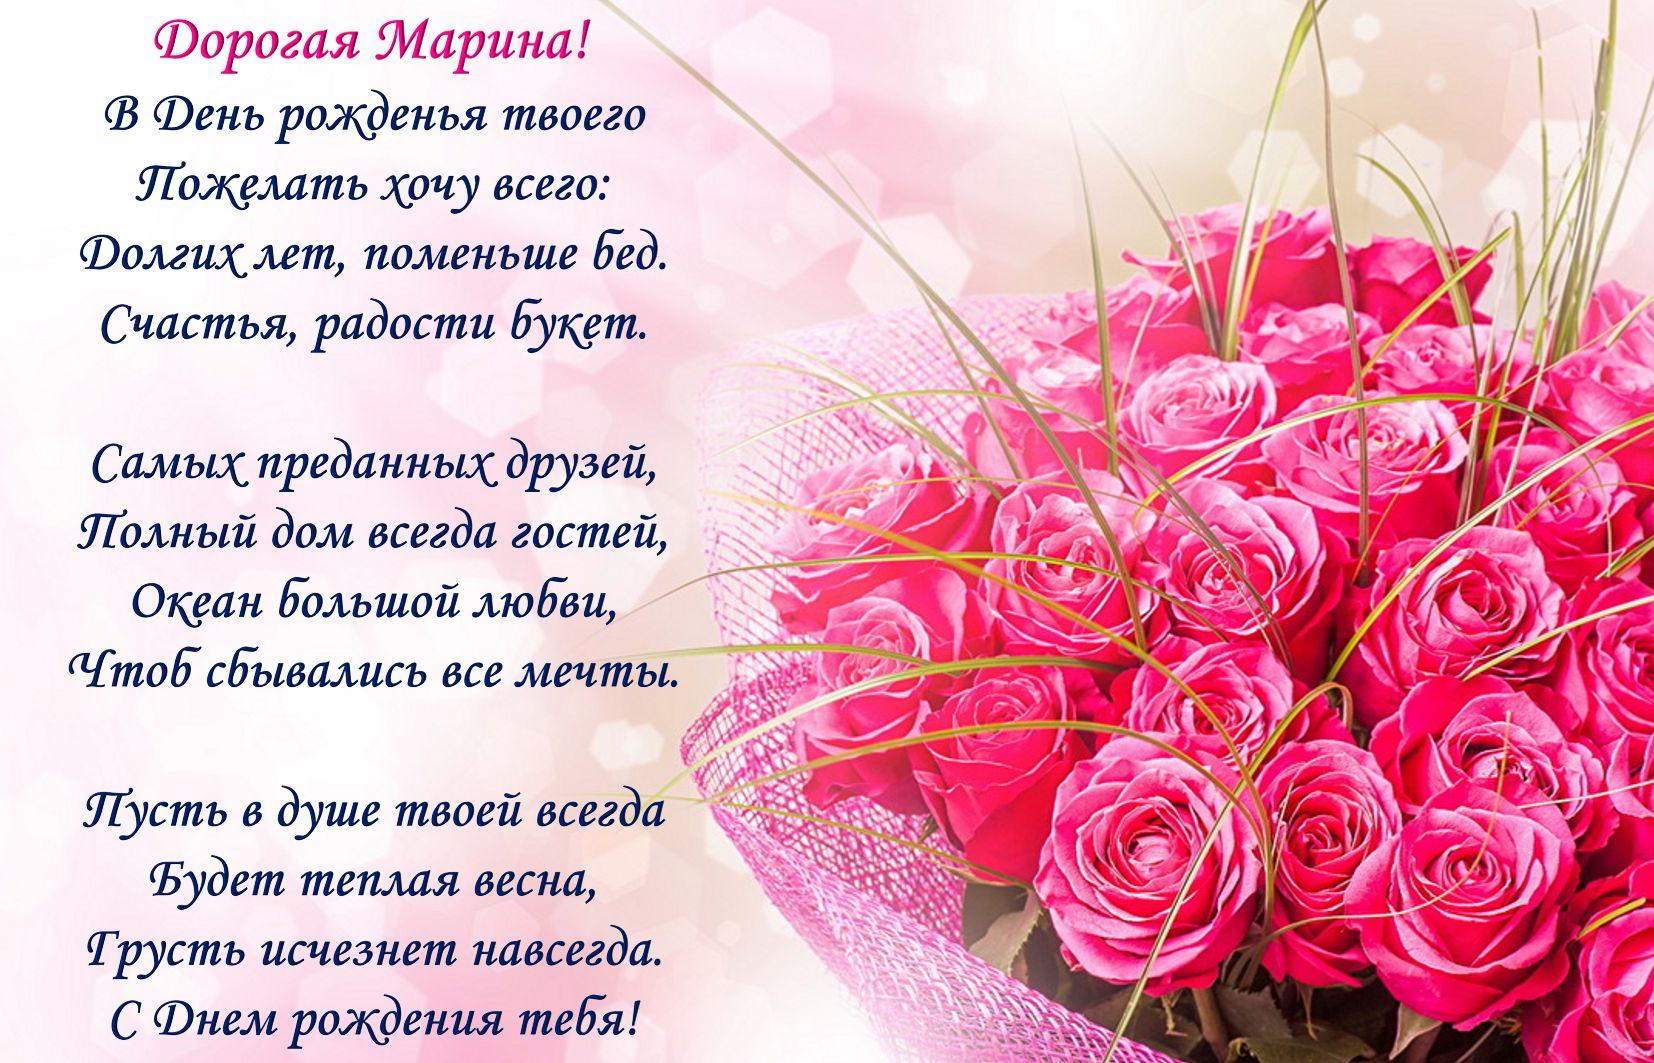 Поздравление марины с днем рождения